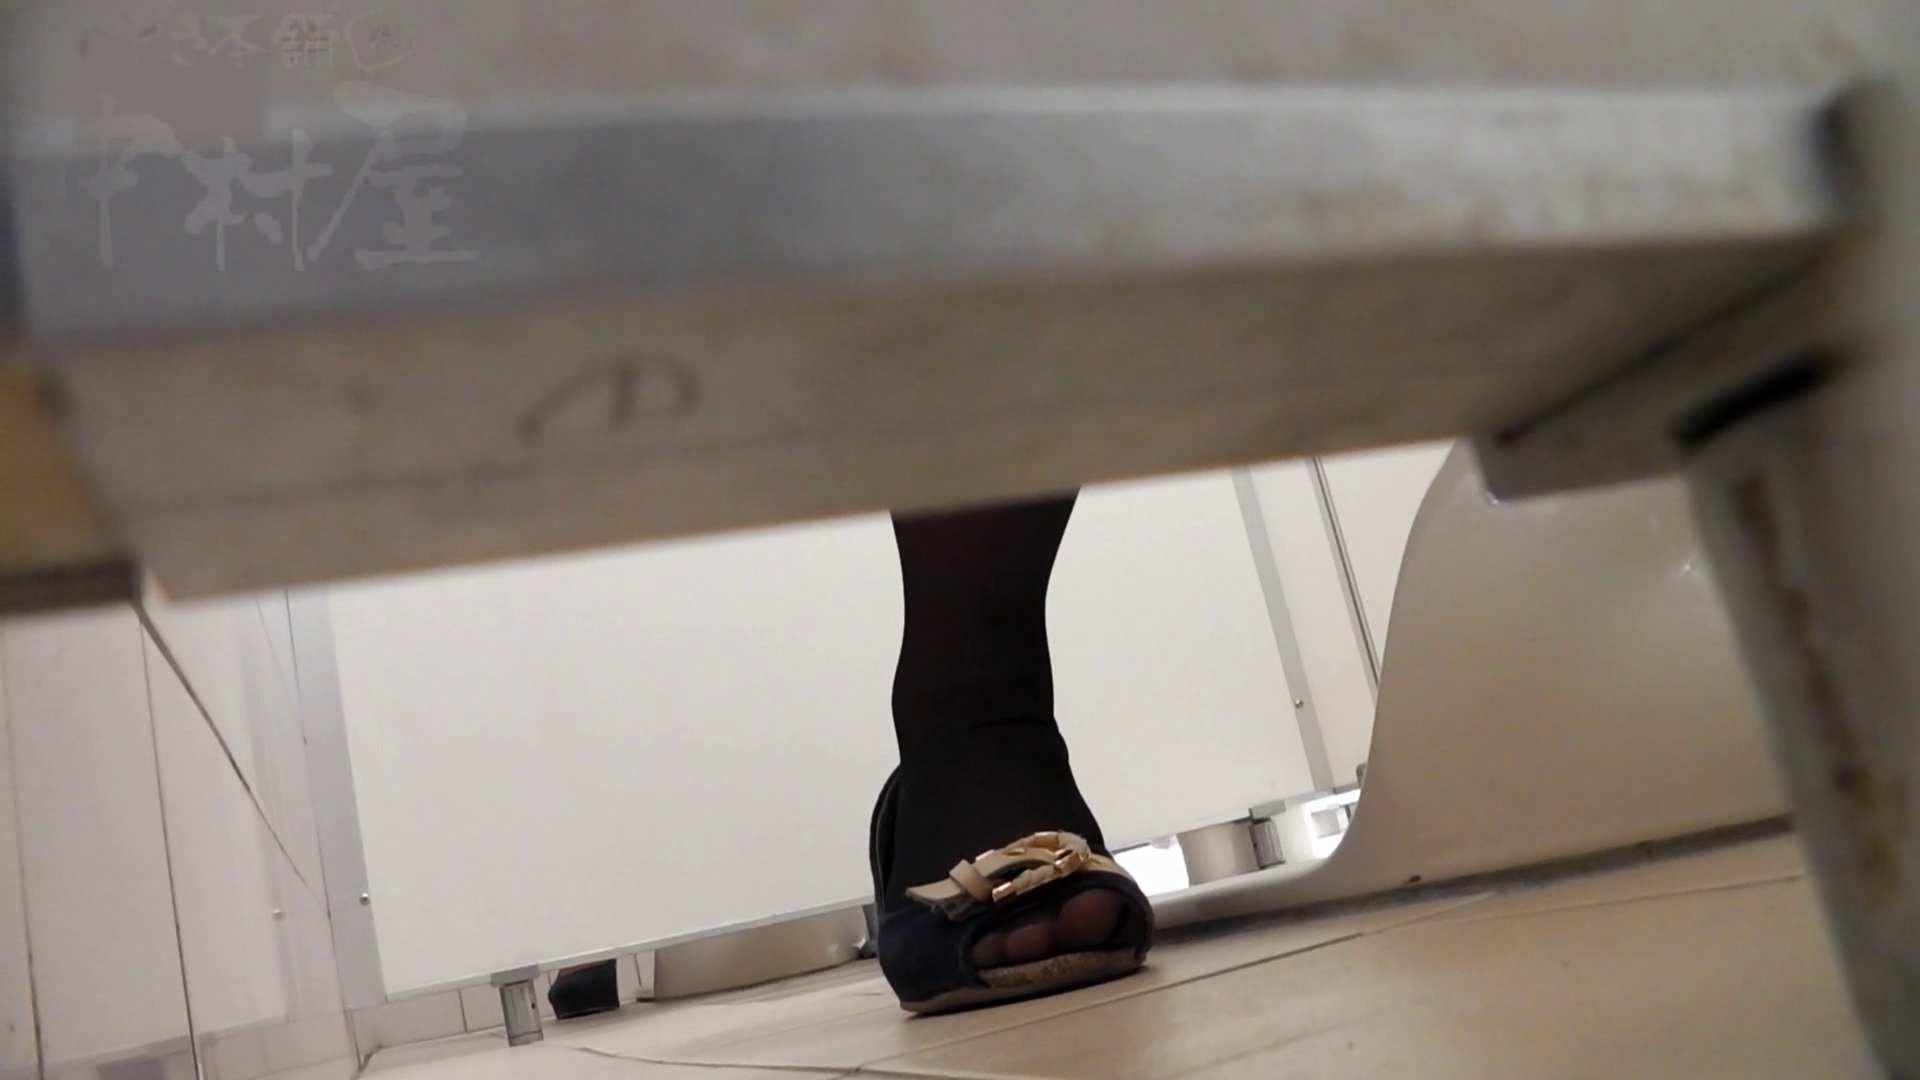 美しい日本の未来 No.06 更に侵入フロント究極な画質 盗撮シリーズ AV動画キャプチャ 75PIX 20